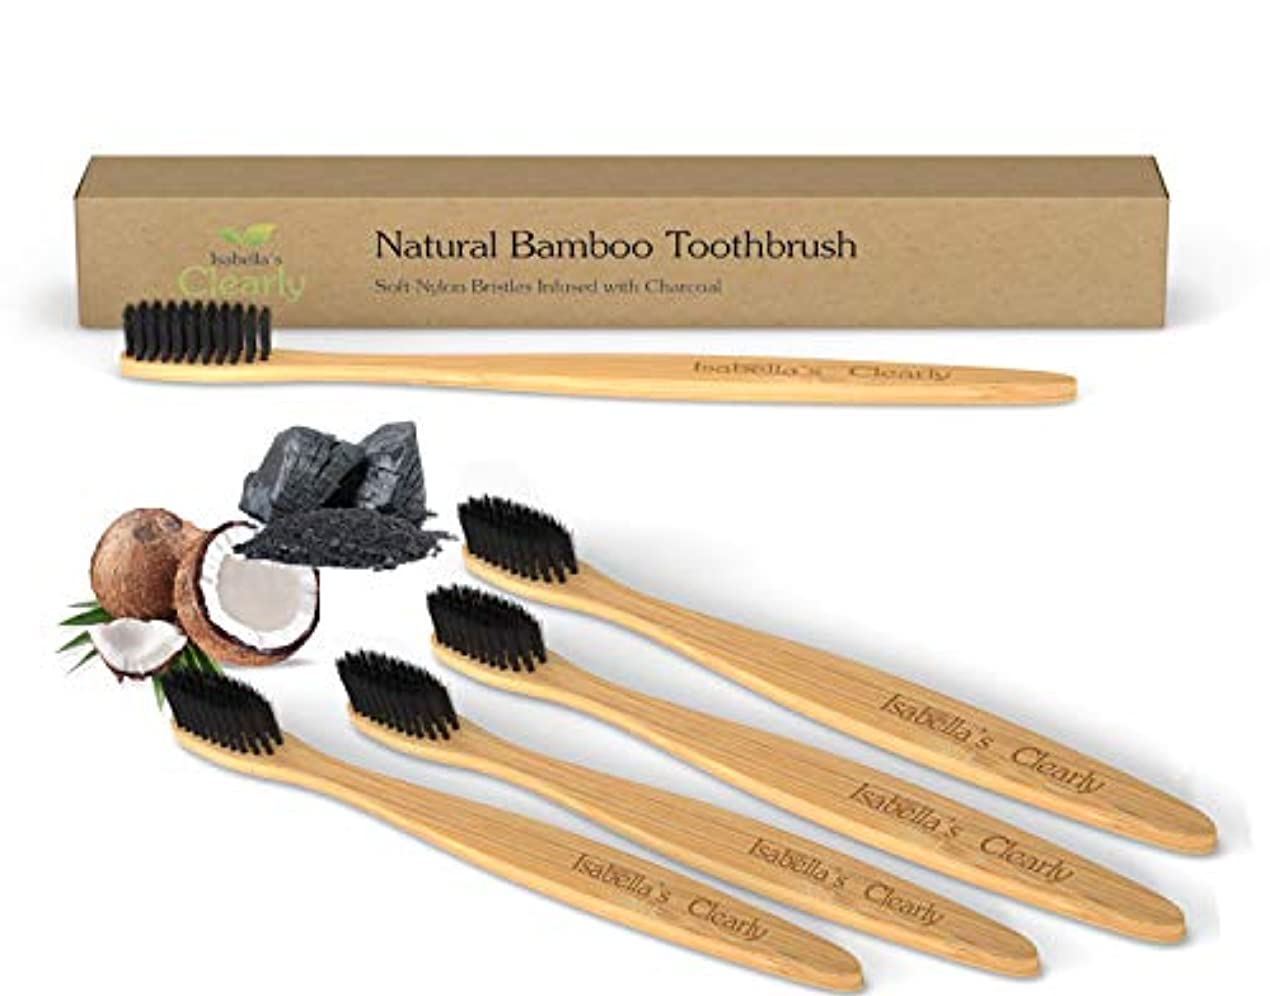 区別する味魅力的Isabella's Clearly 竹の歯ブラシ、優しく柔らかな木炭注入されたナイロン製のBPAフリーの毛、天然有機材料 4